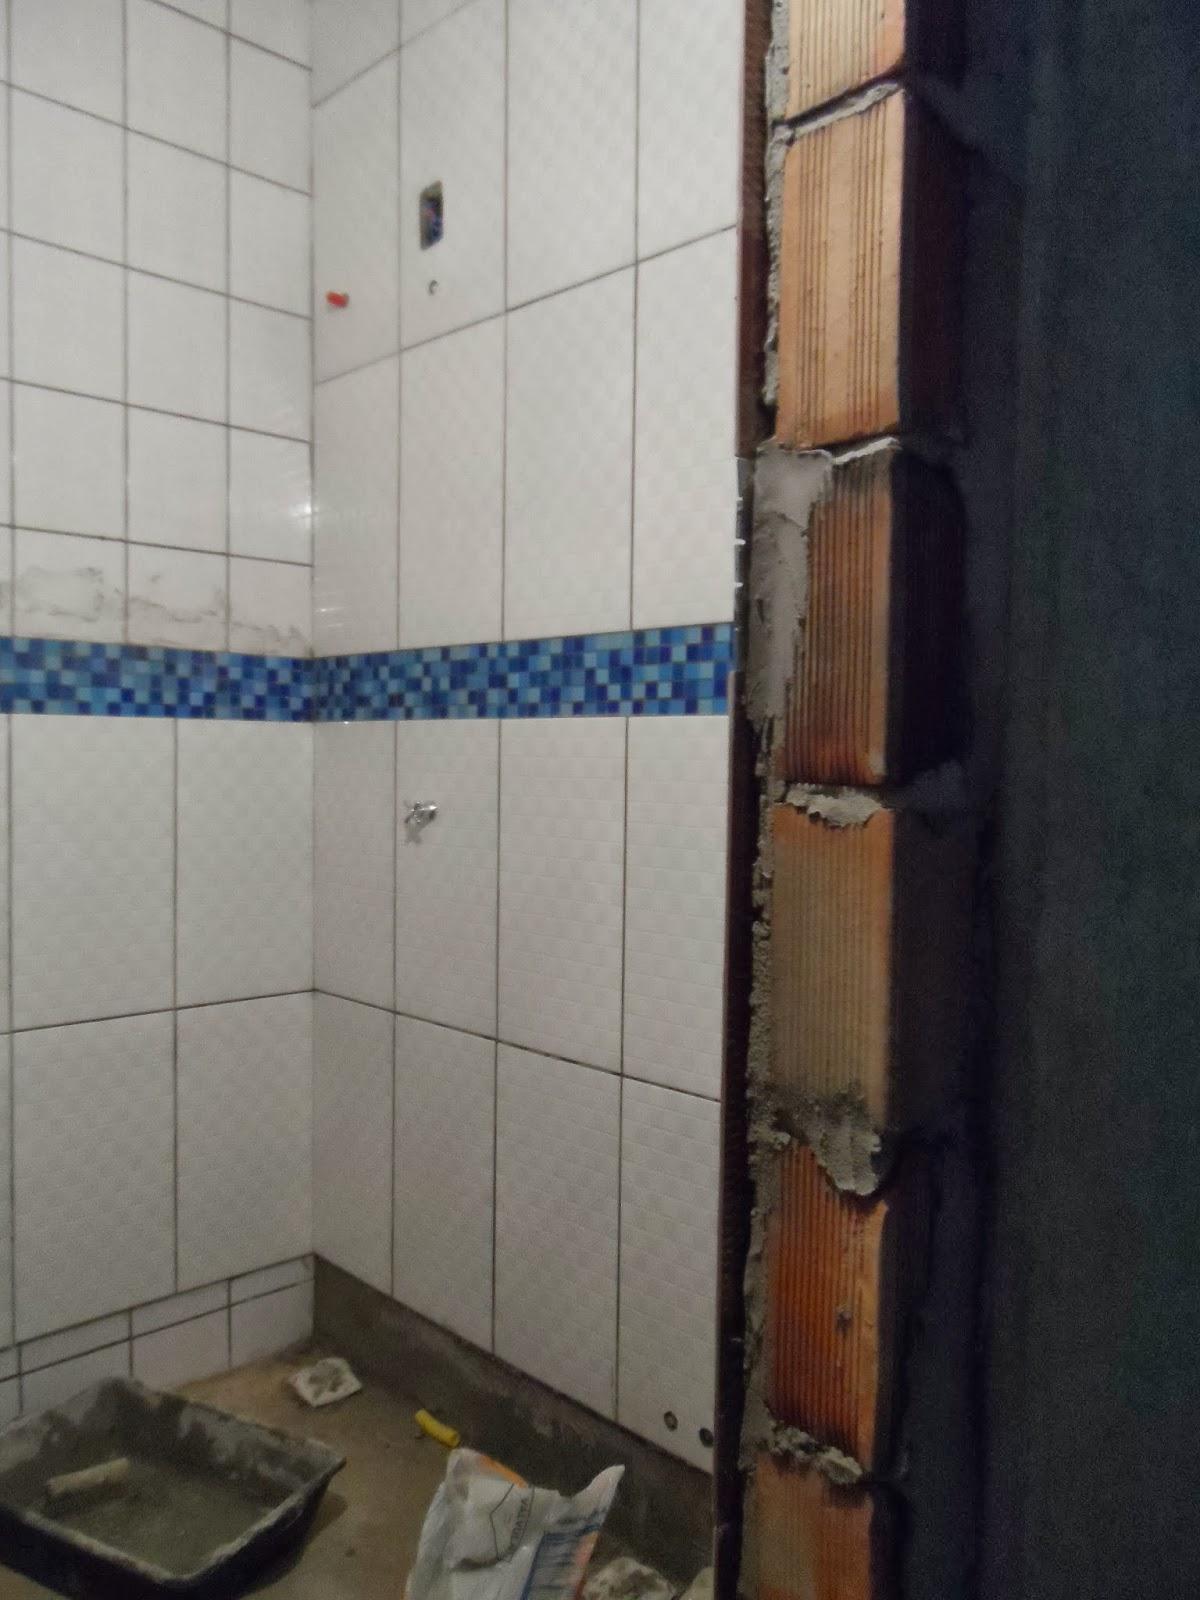 Minha casa te inspira: Banheiro azul e Branco #2C4165 1200x1600 Banheiro Azul Escuro E Branco